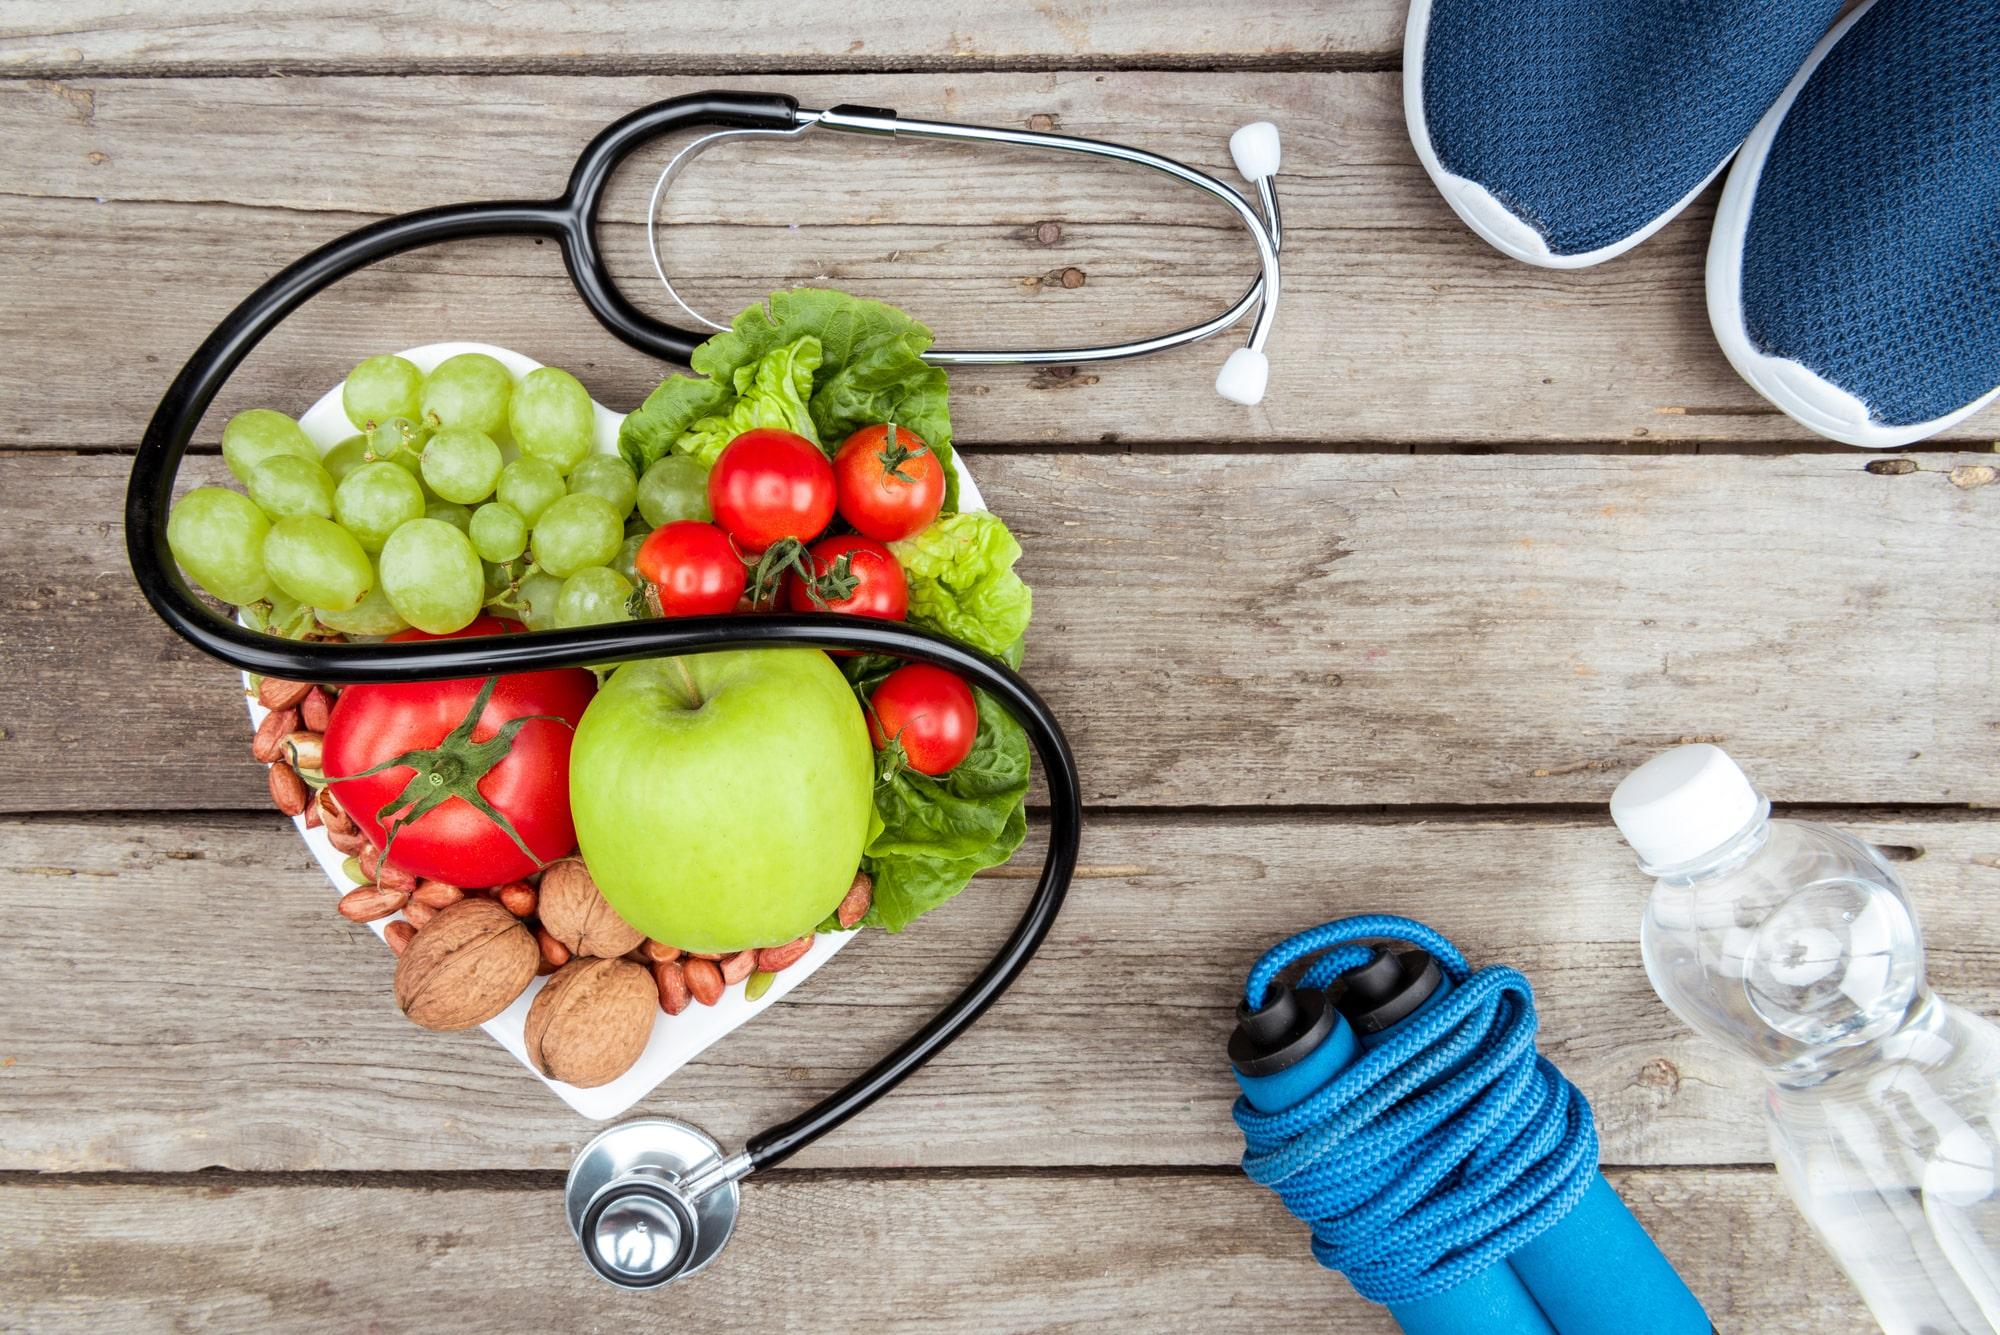 Wie beeinflusst unser Essverhalten unsere Gesundheit?